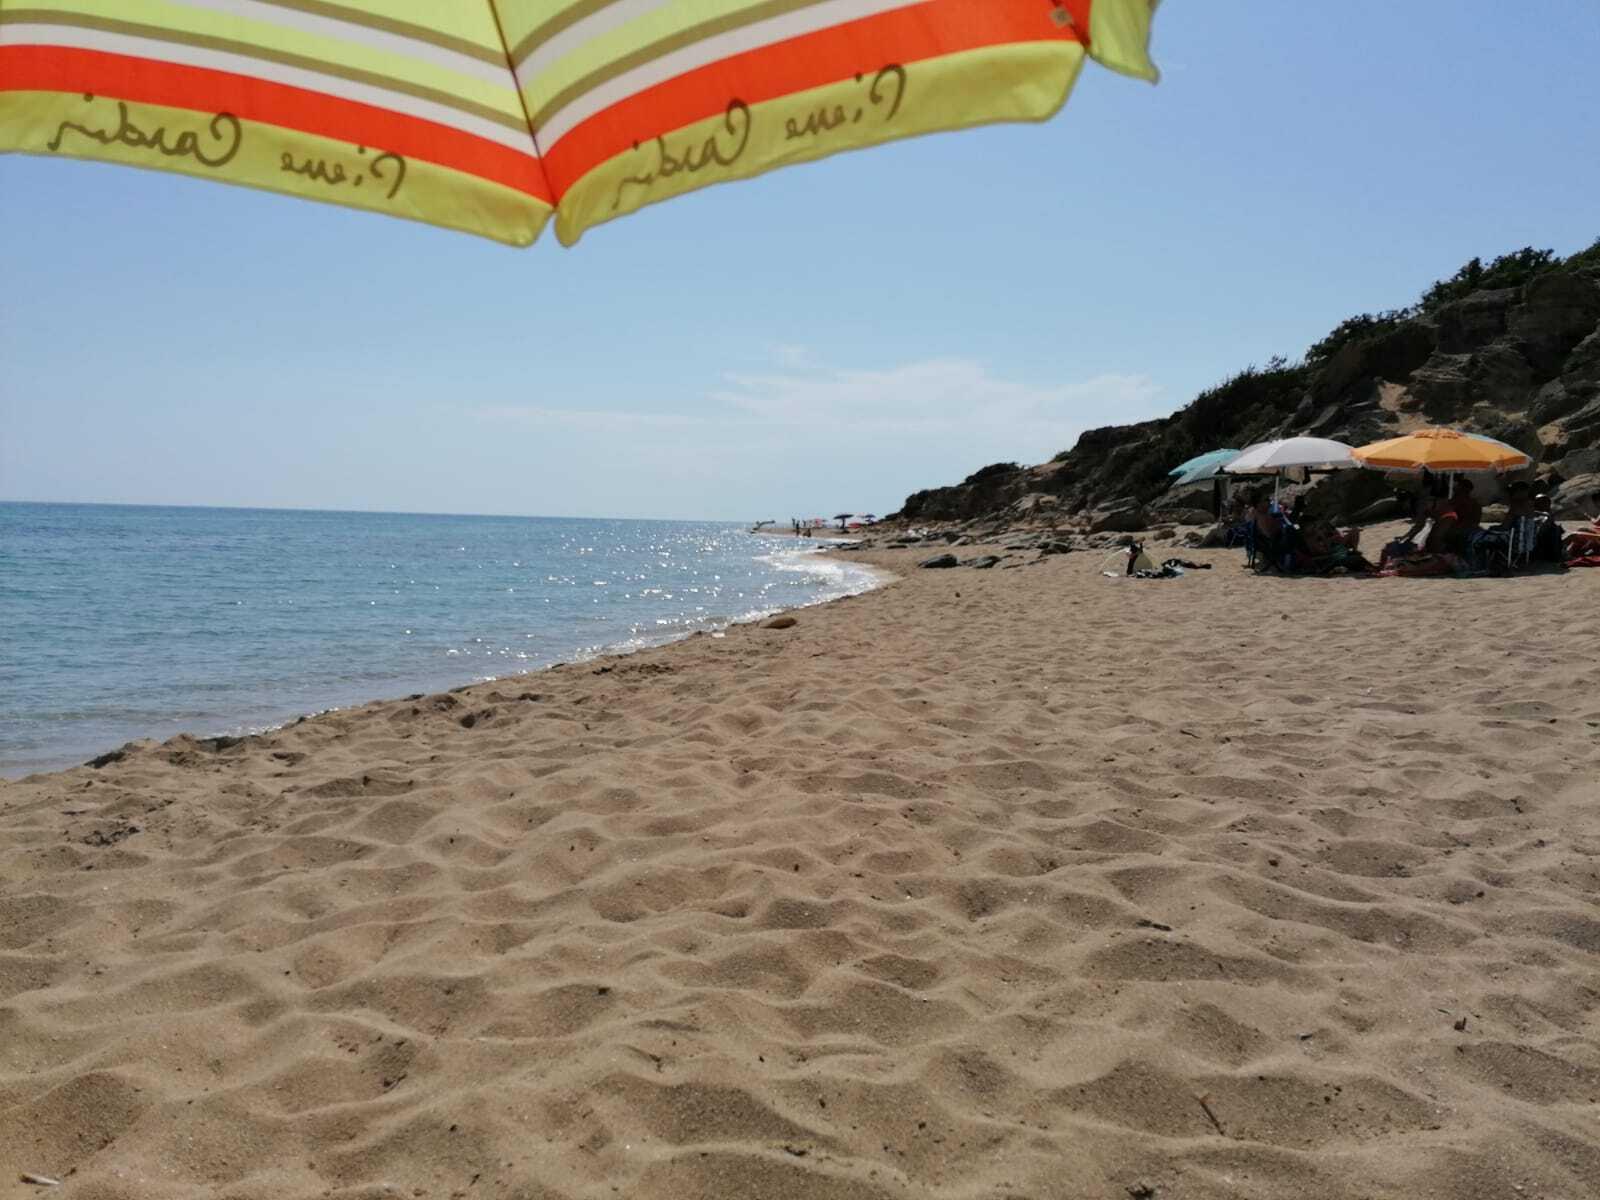 Mirante spiaggia scogliera